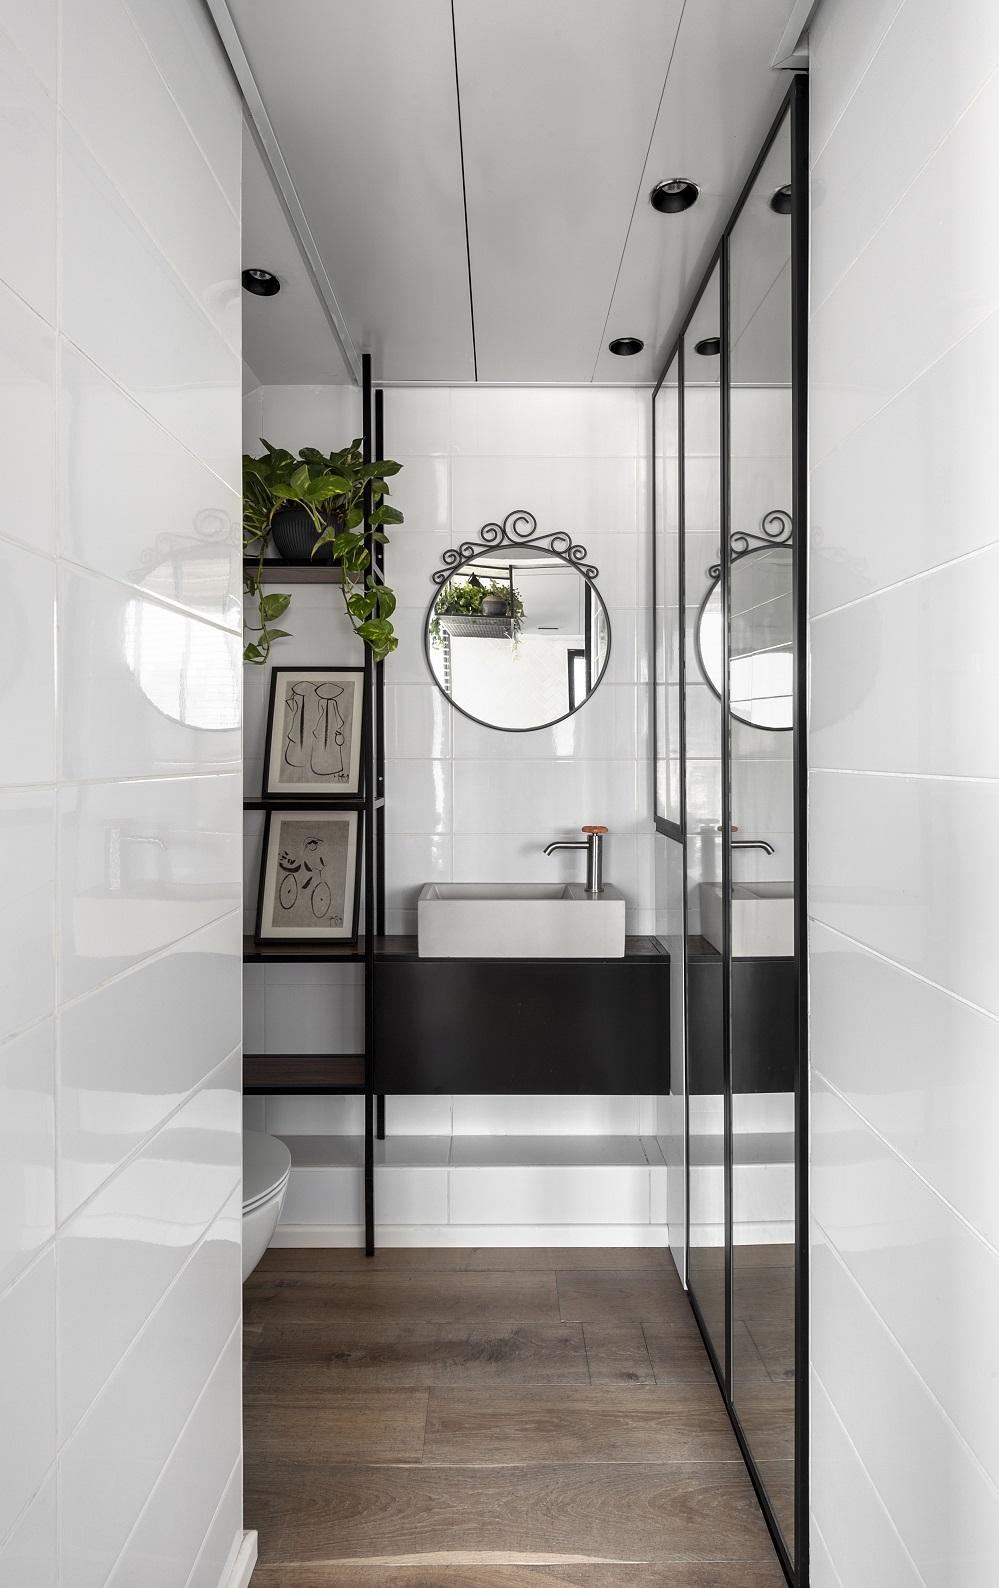 חדר הרחצה | תכנון ועיצוב: ניצן הורוביץ, צילום: עודד סמדר